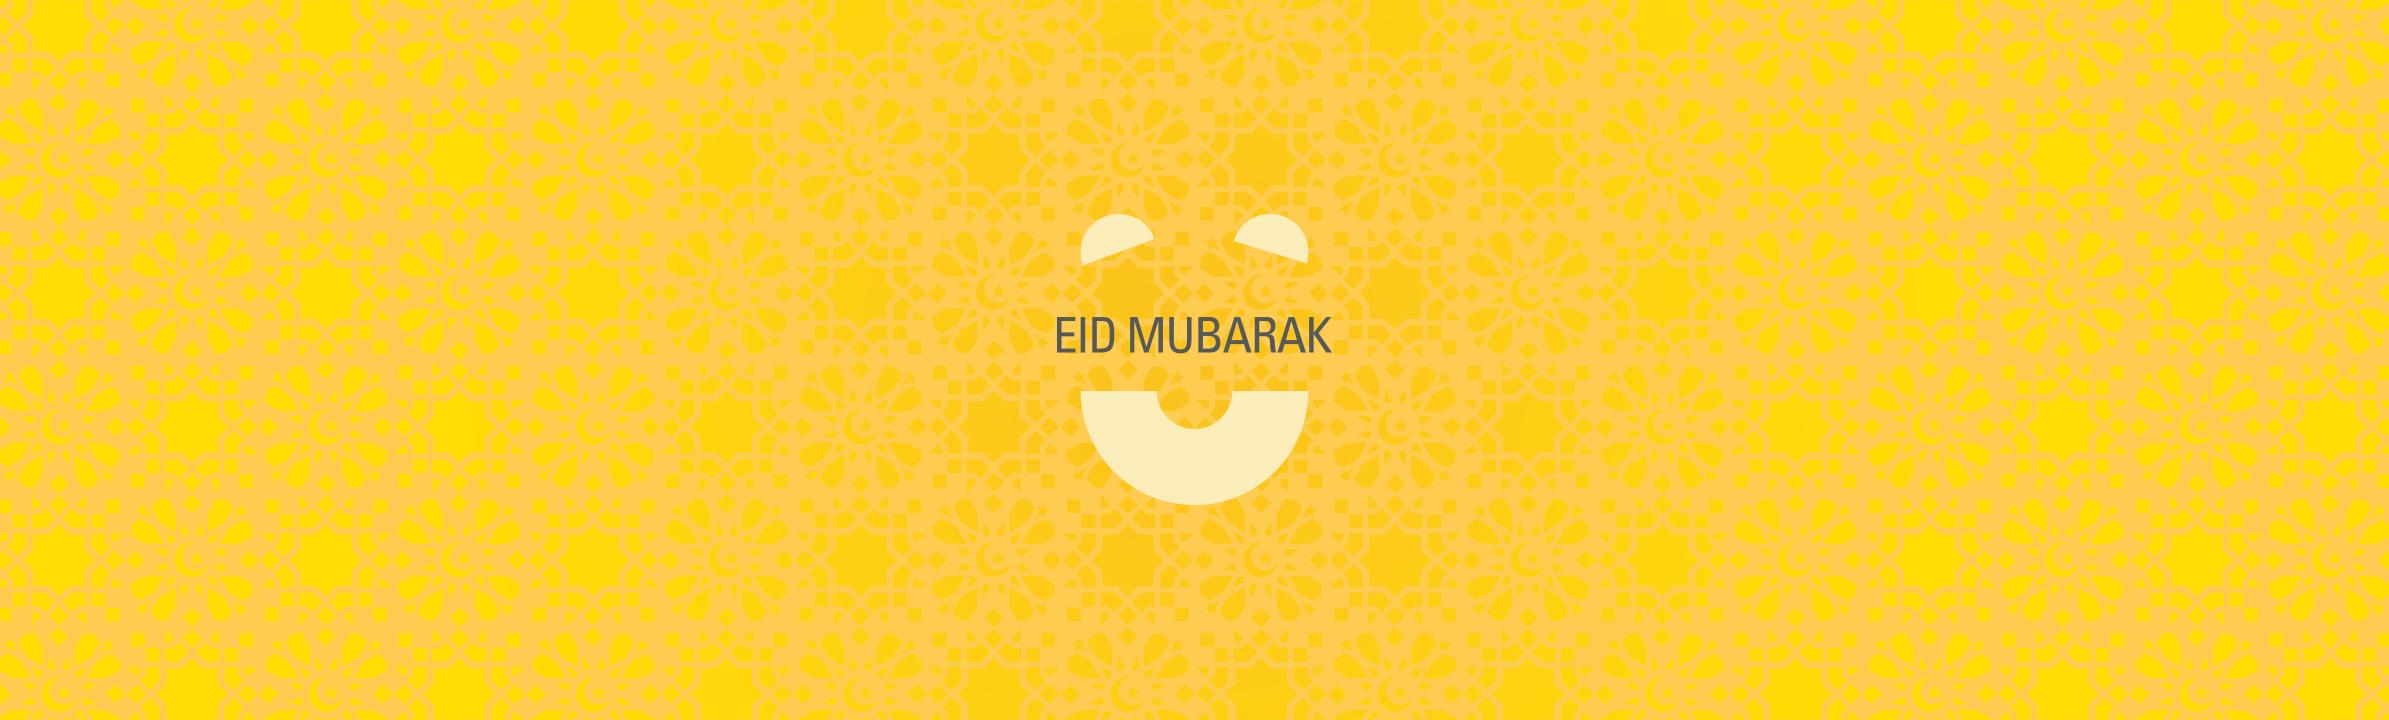 Hp ramadan eid